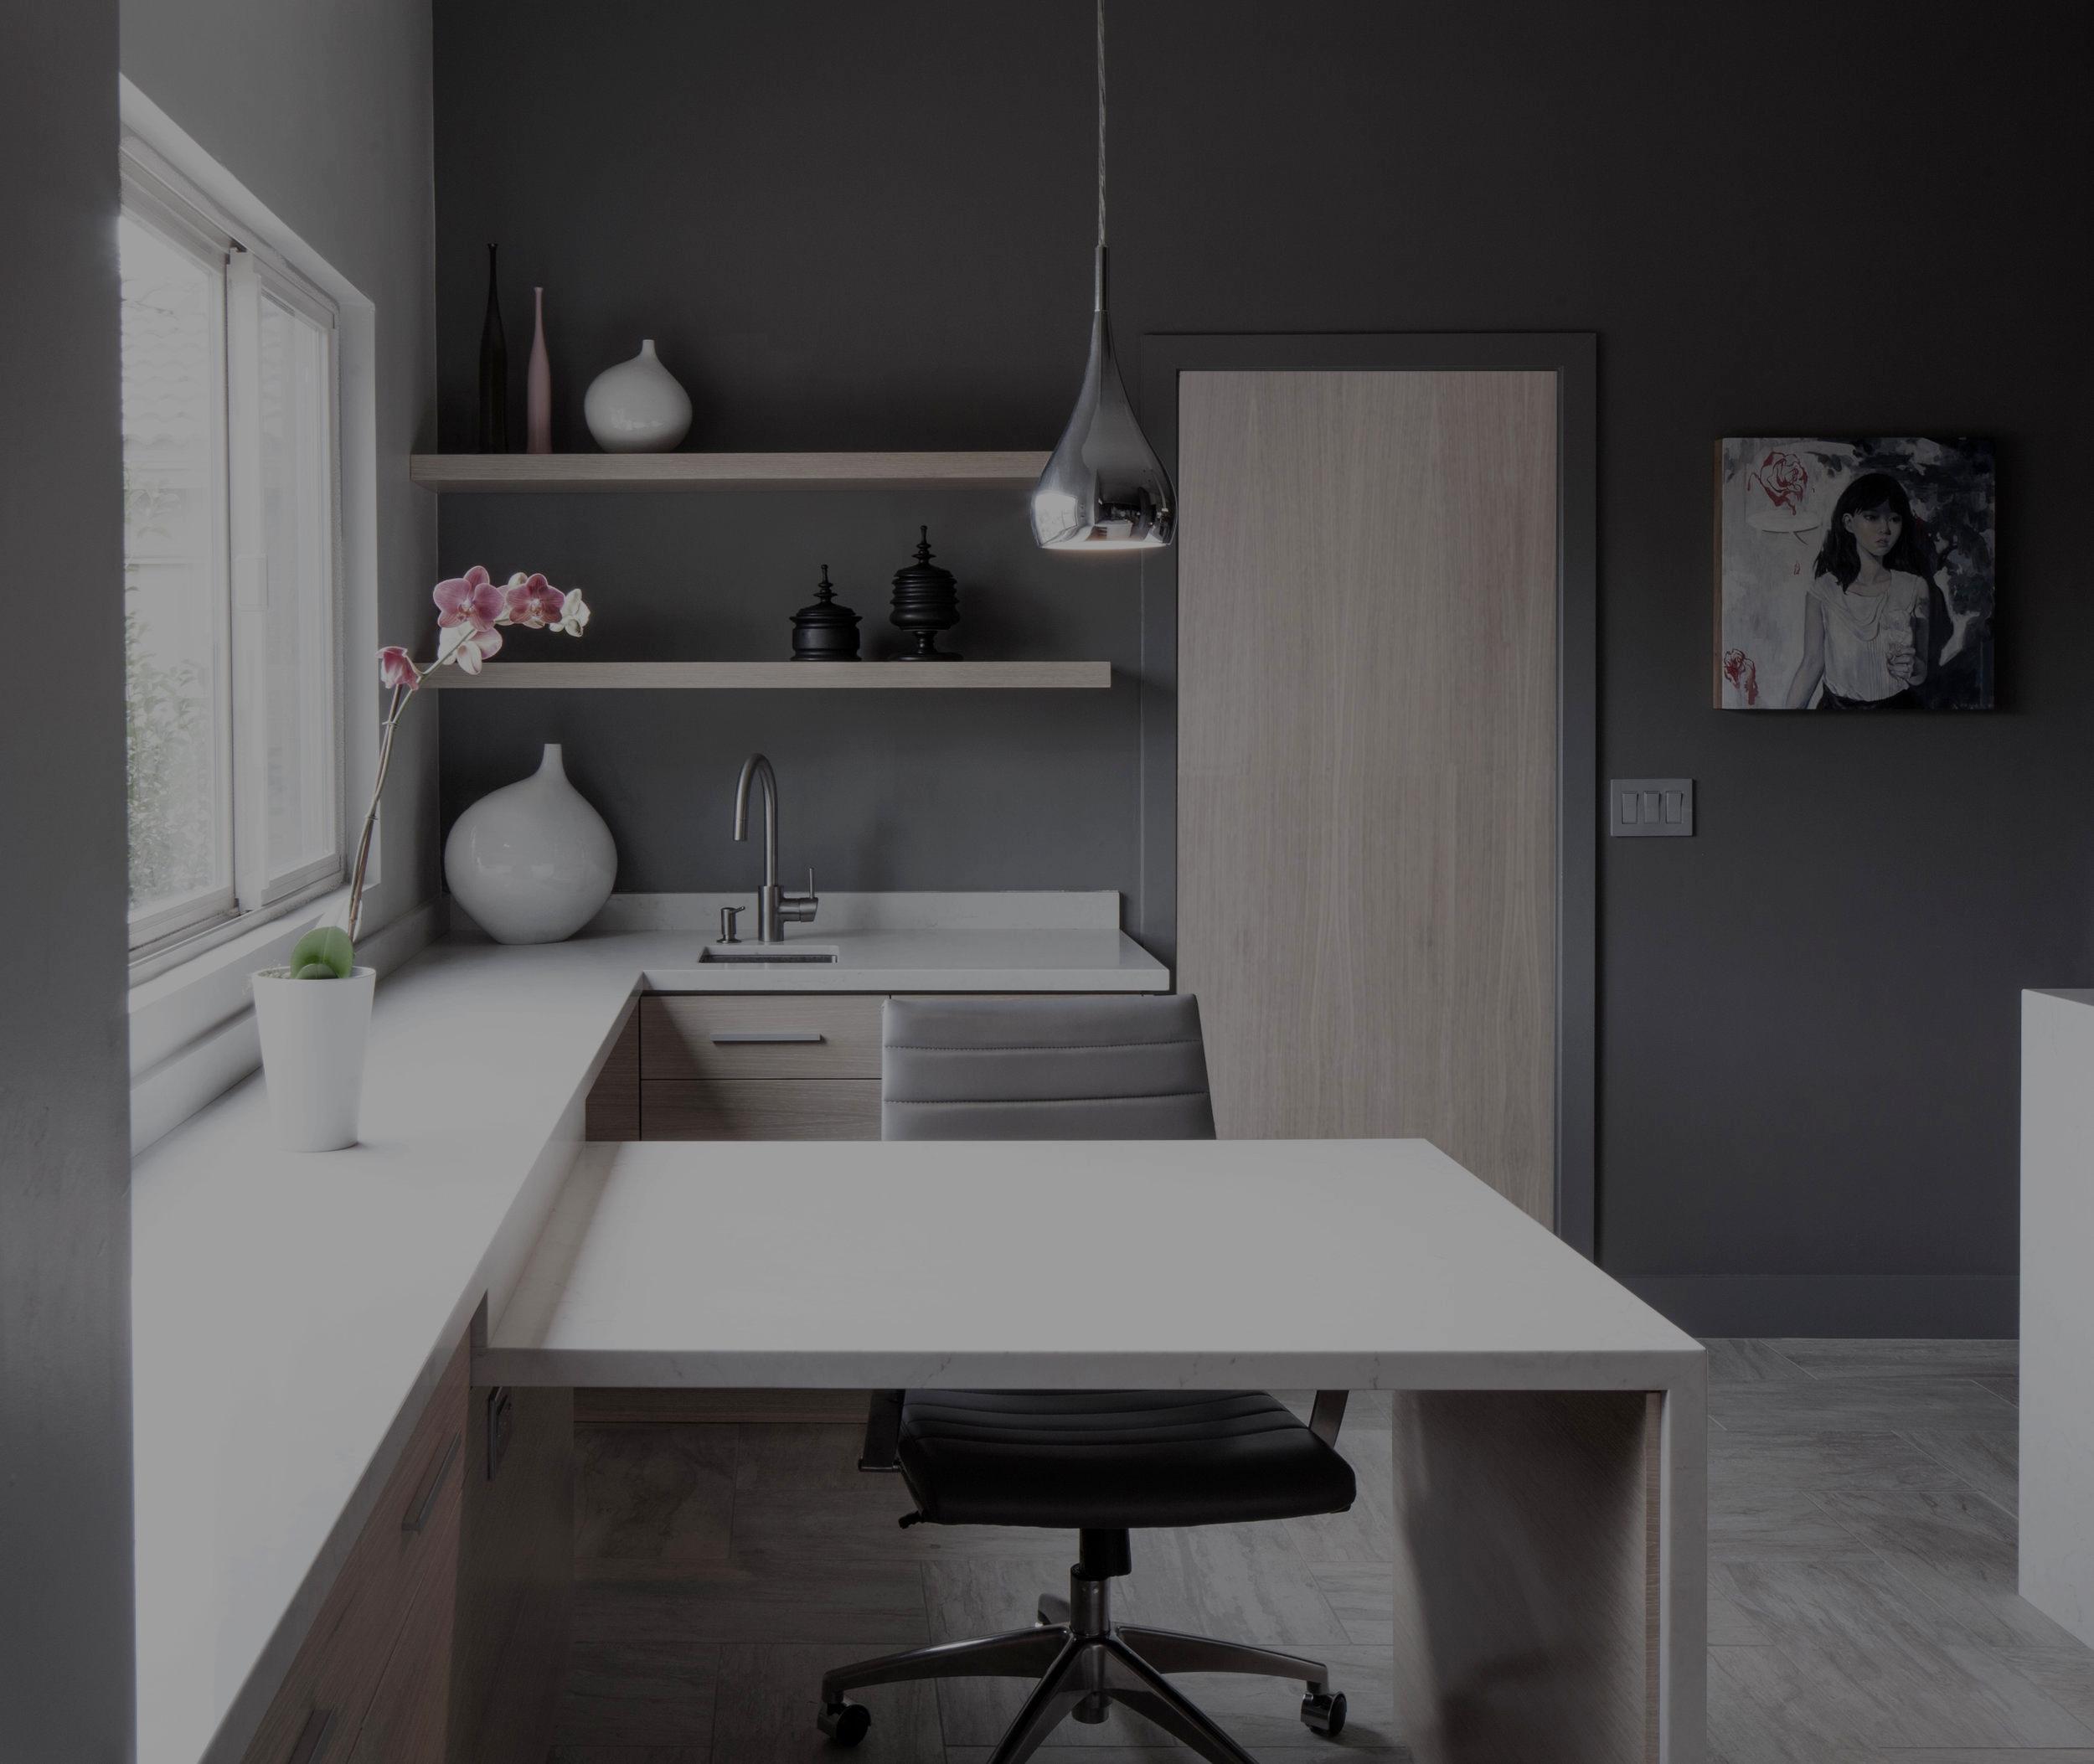 deskDoorFlat.jpg